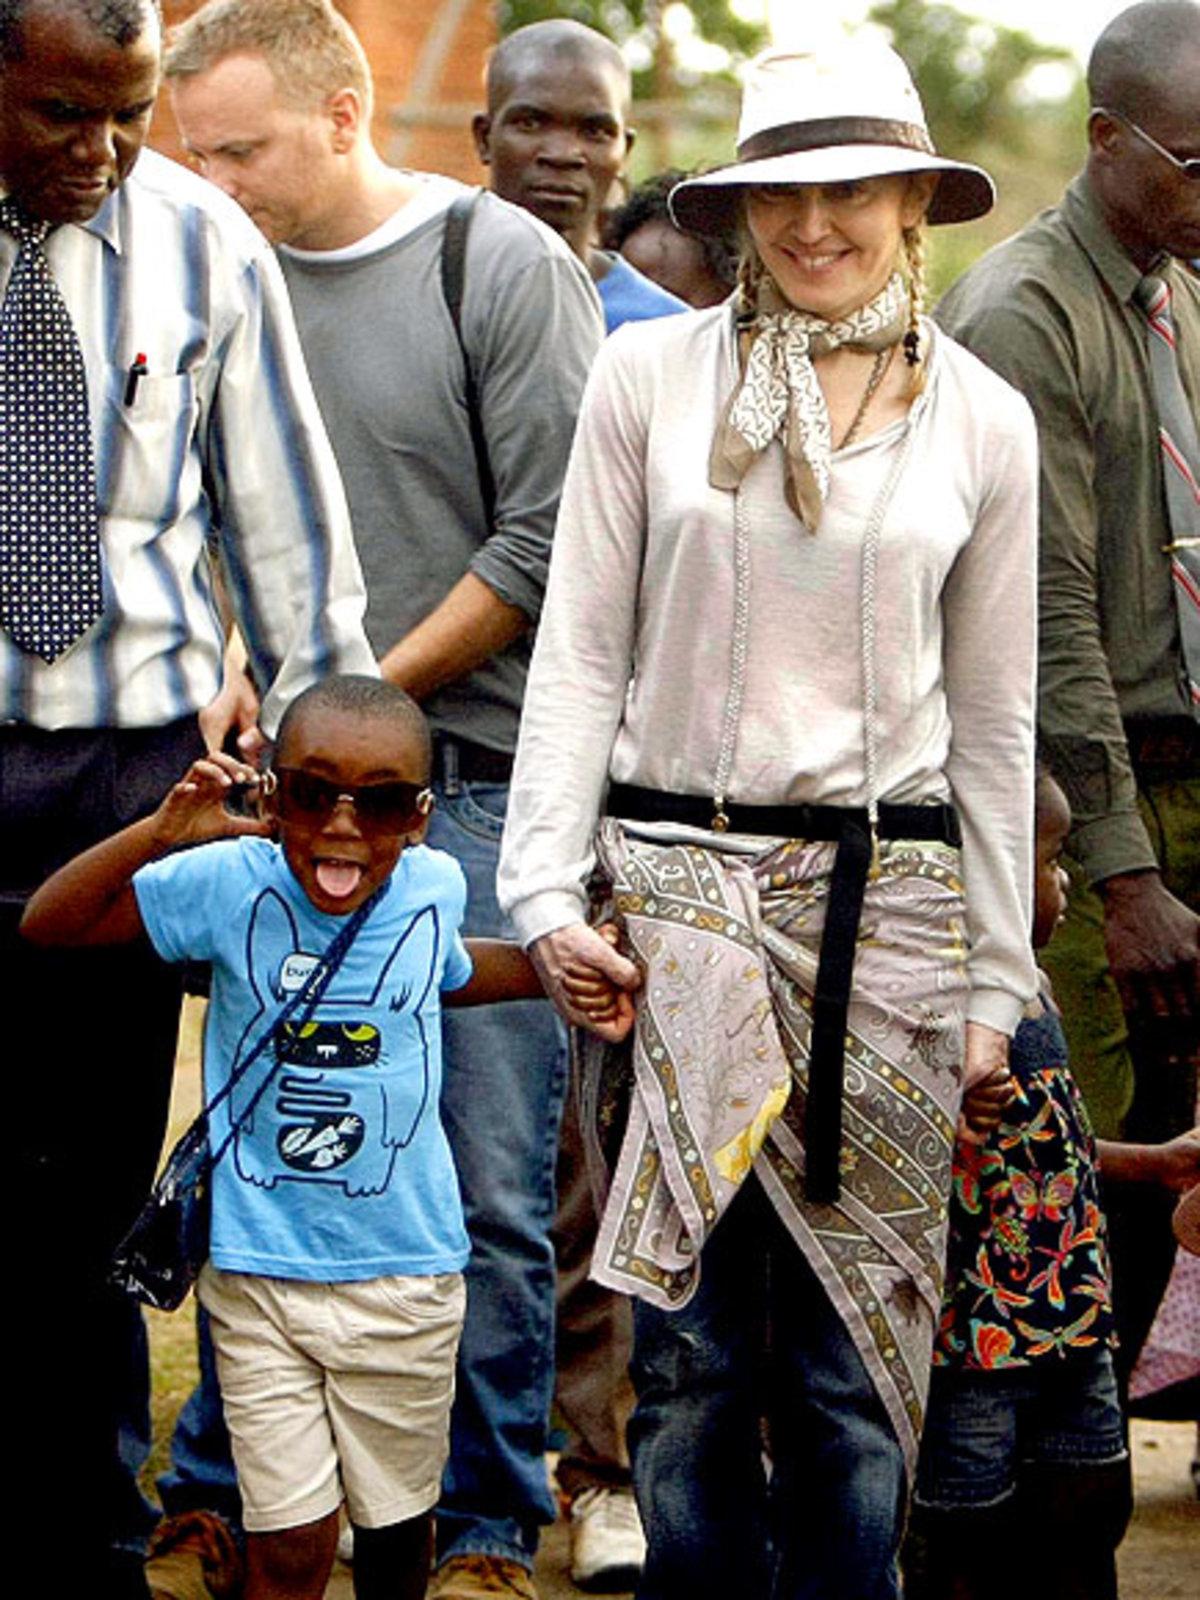 Η Μαντόνα με το γιό της David Banda στο Μαλάουϊ